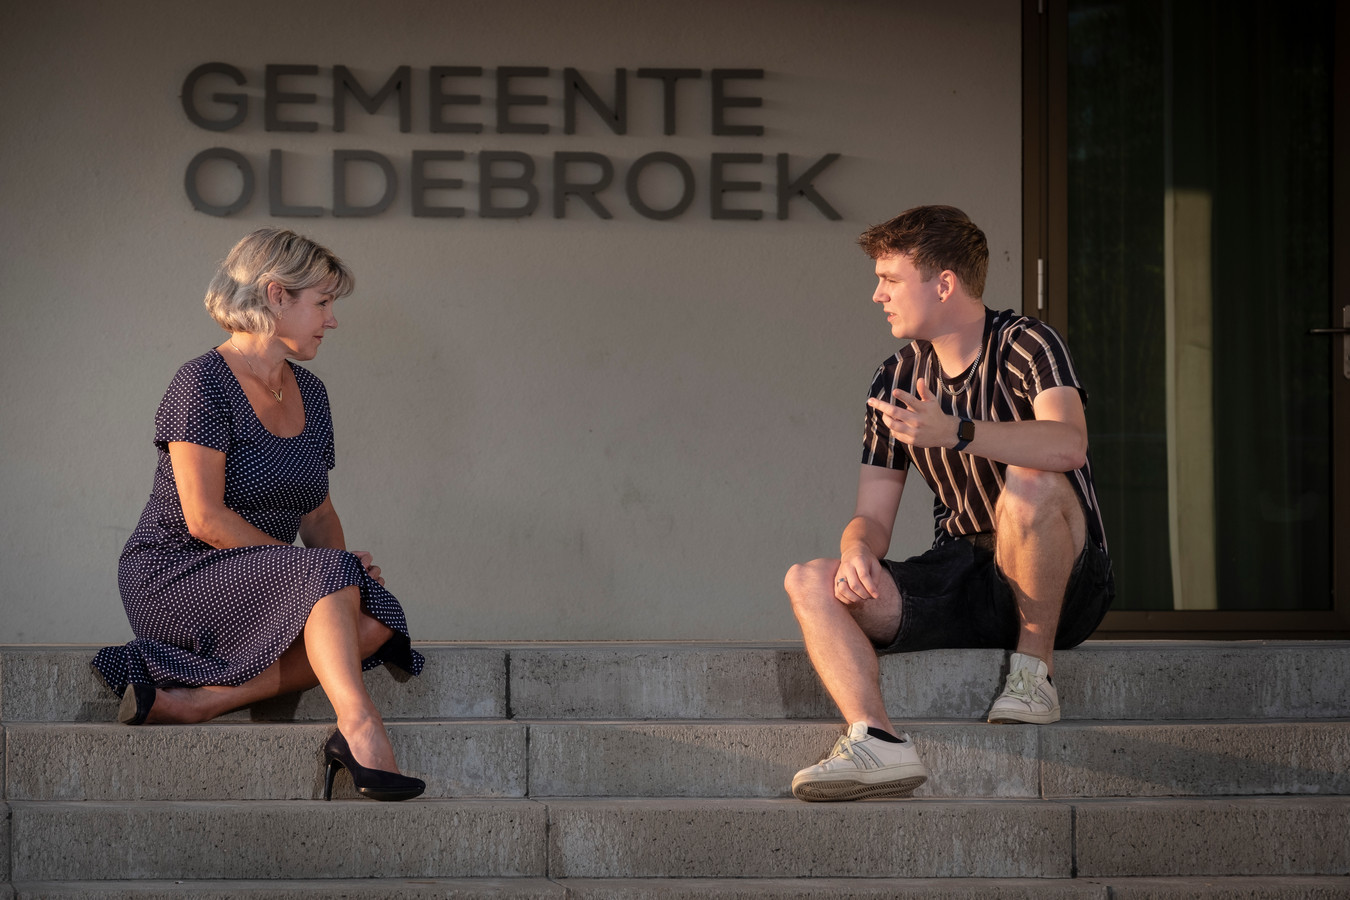 Burgemeester Tanja Haseloop-Amsing en Joran Doornewaard in gesprek over de plannen om het thema LHBTQ+ een plek te geven in de gemeente Oldebroek. Joran: ,,Zelf heb ik altijd gedacht dat ik in de gemeente Oldebroek niet geaccepteerd zou worden.''